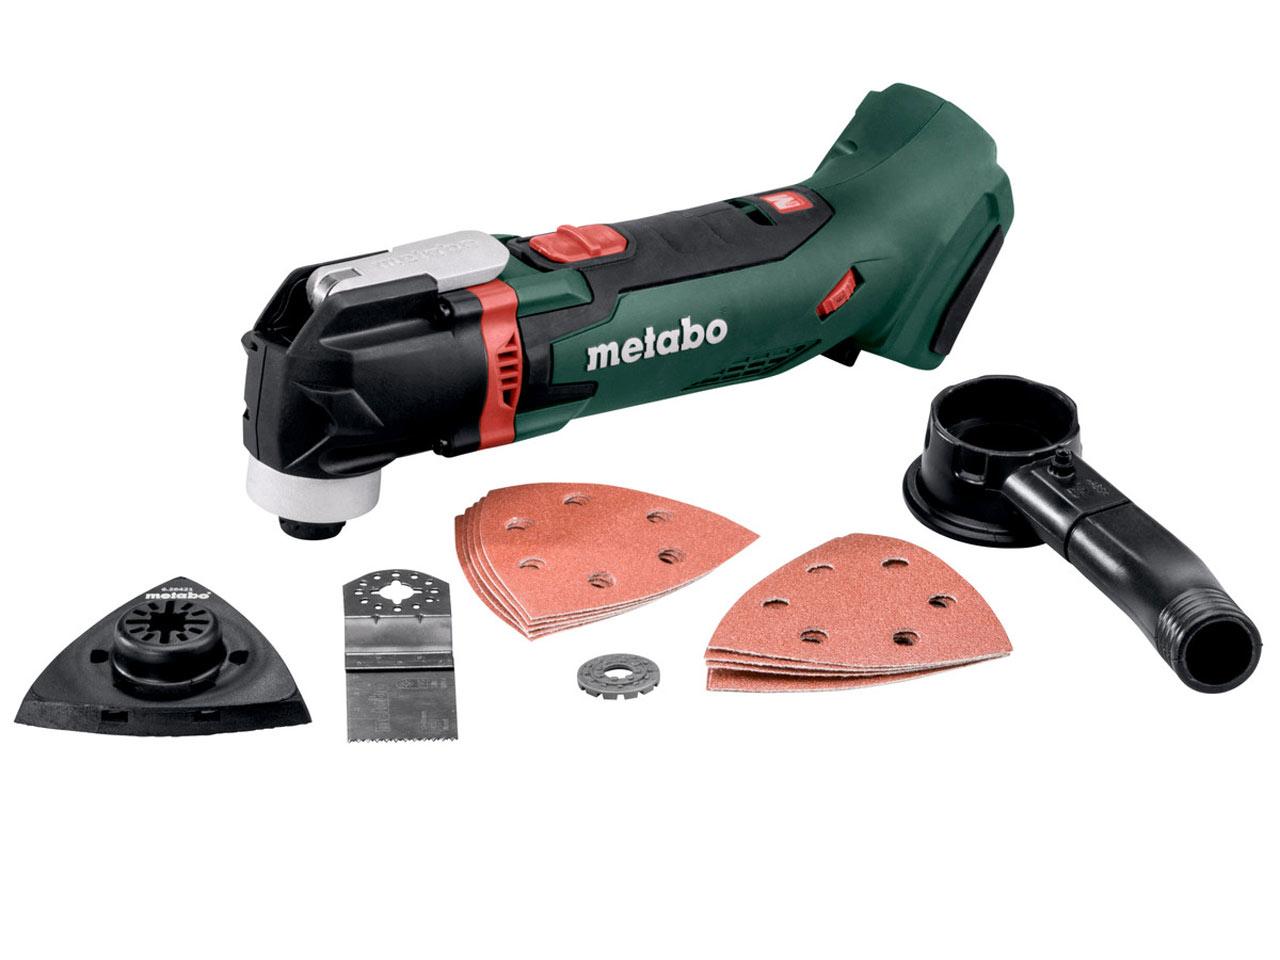 Metabo_613021890v2.jpg